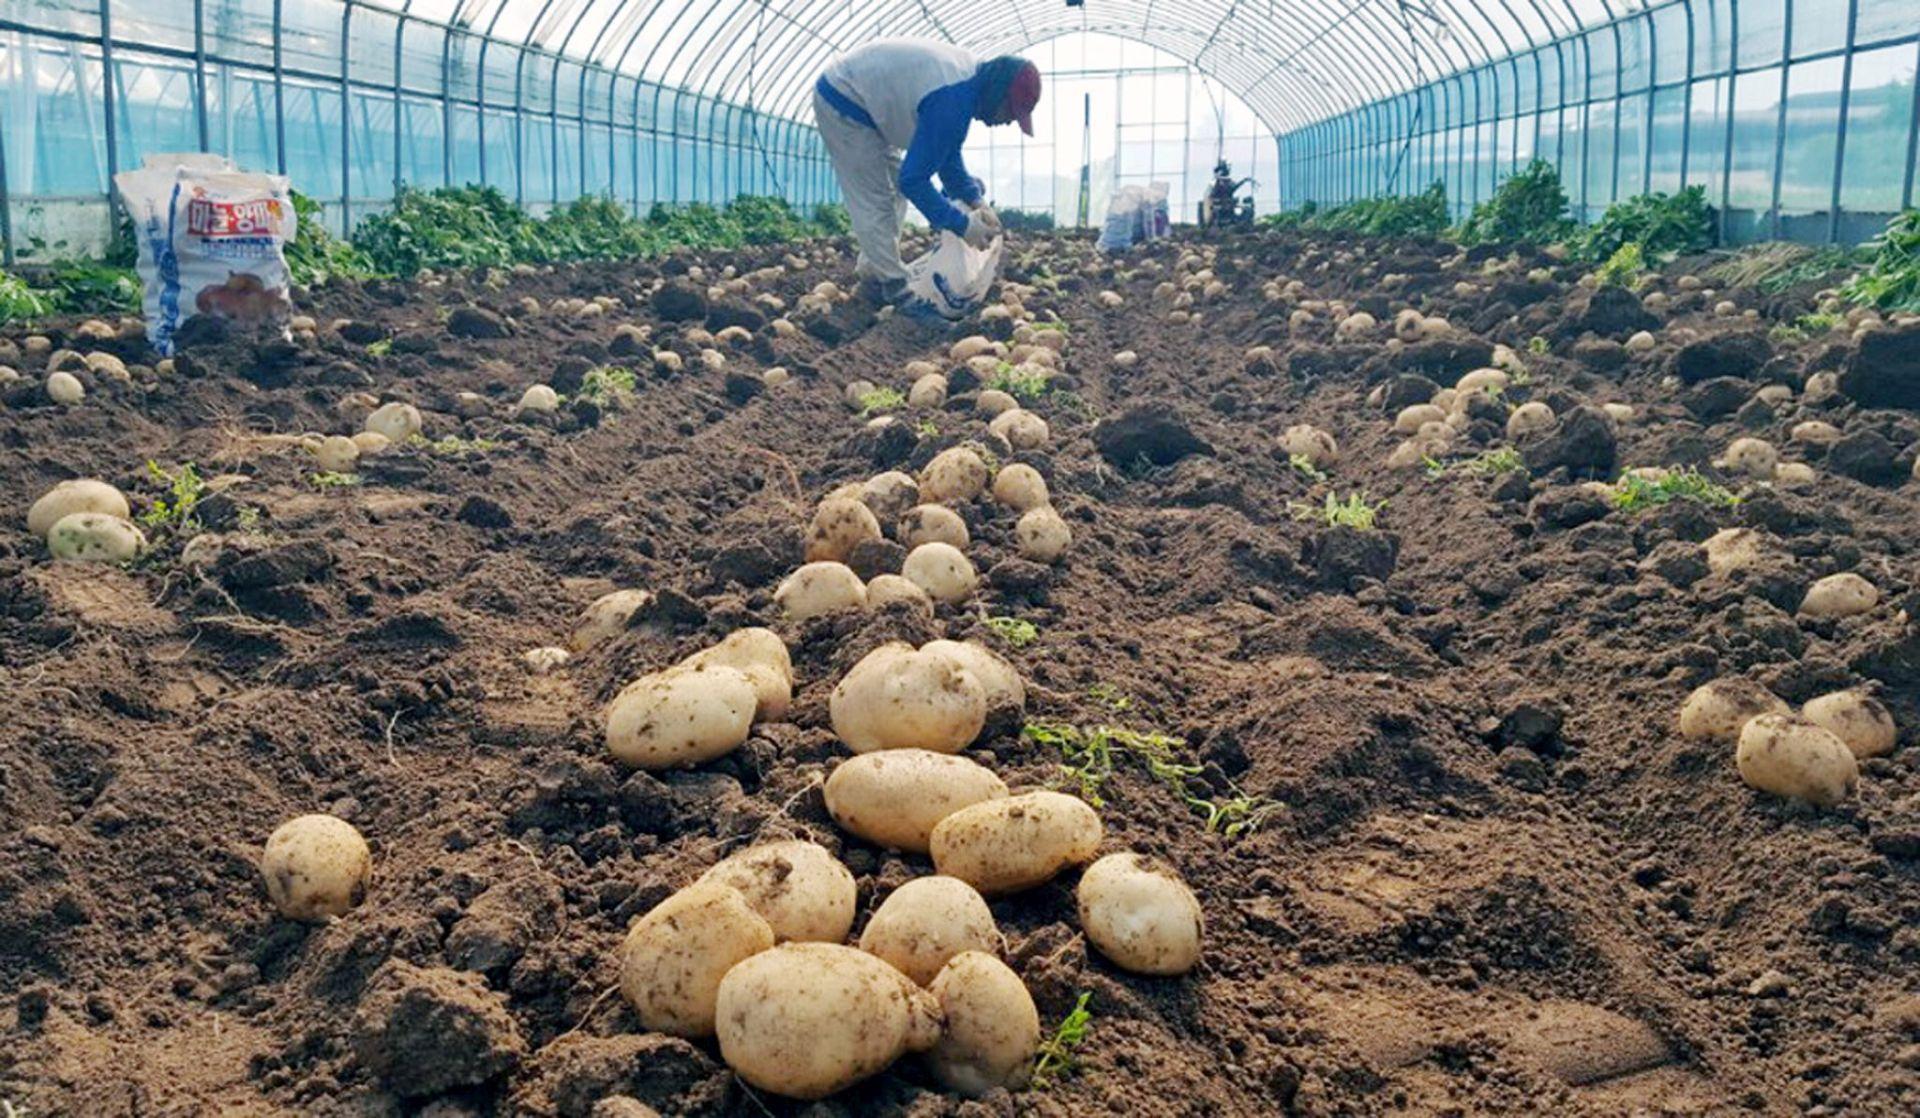 NEISPRAVNA POŠILJKA: Inspekcija vratila u Egipat gotovo 25 tona krumpira